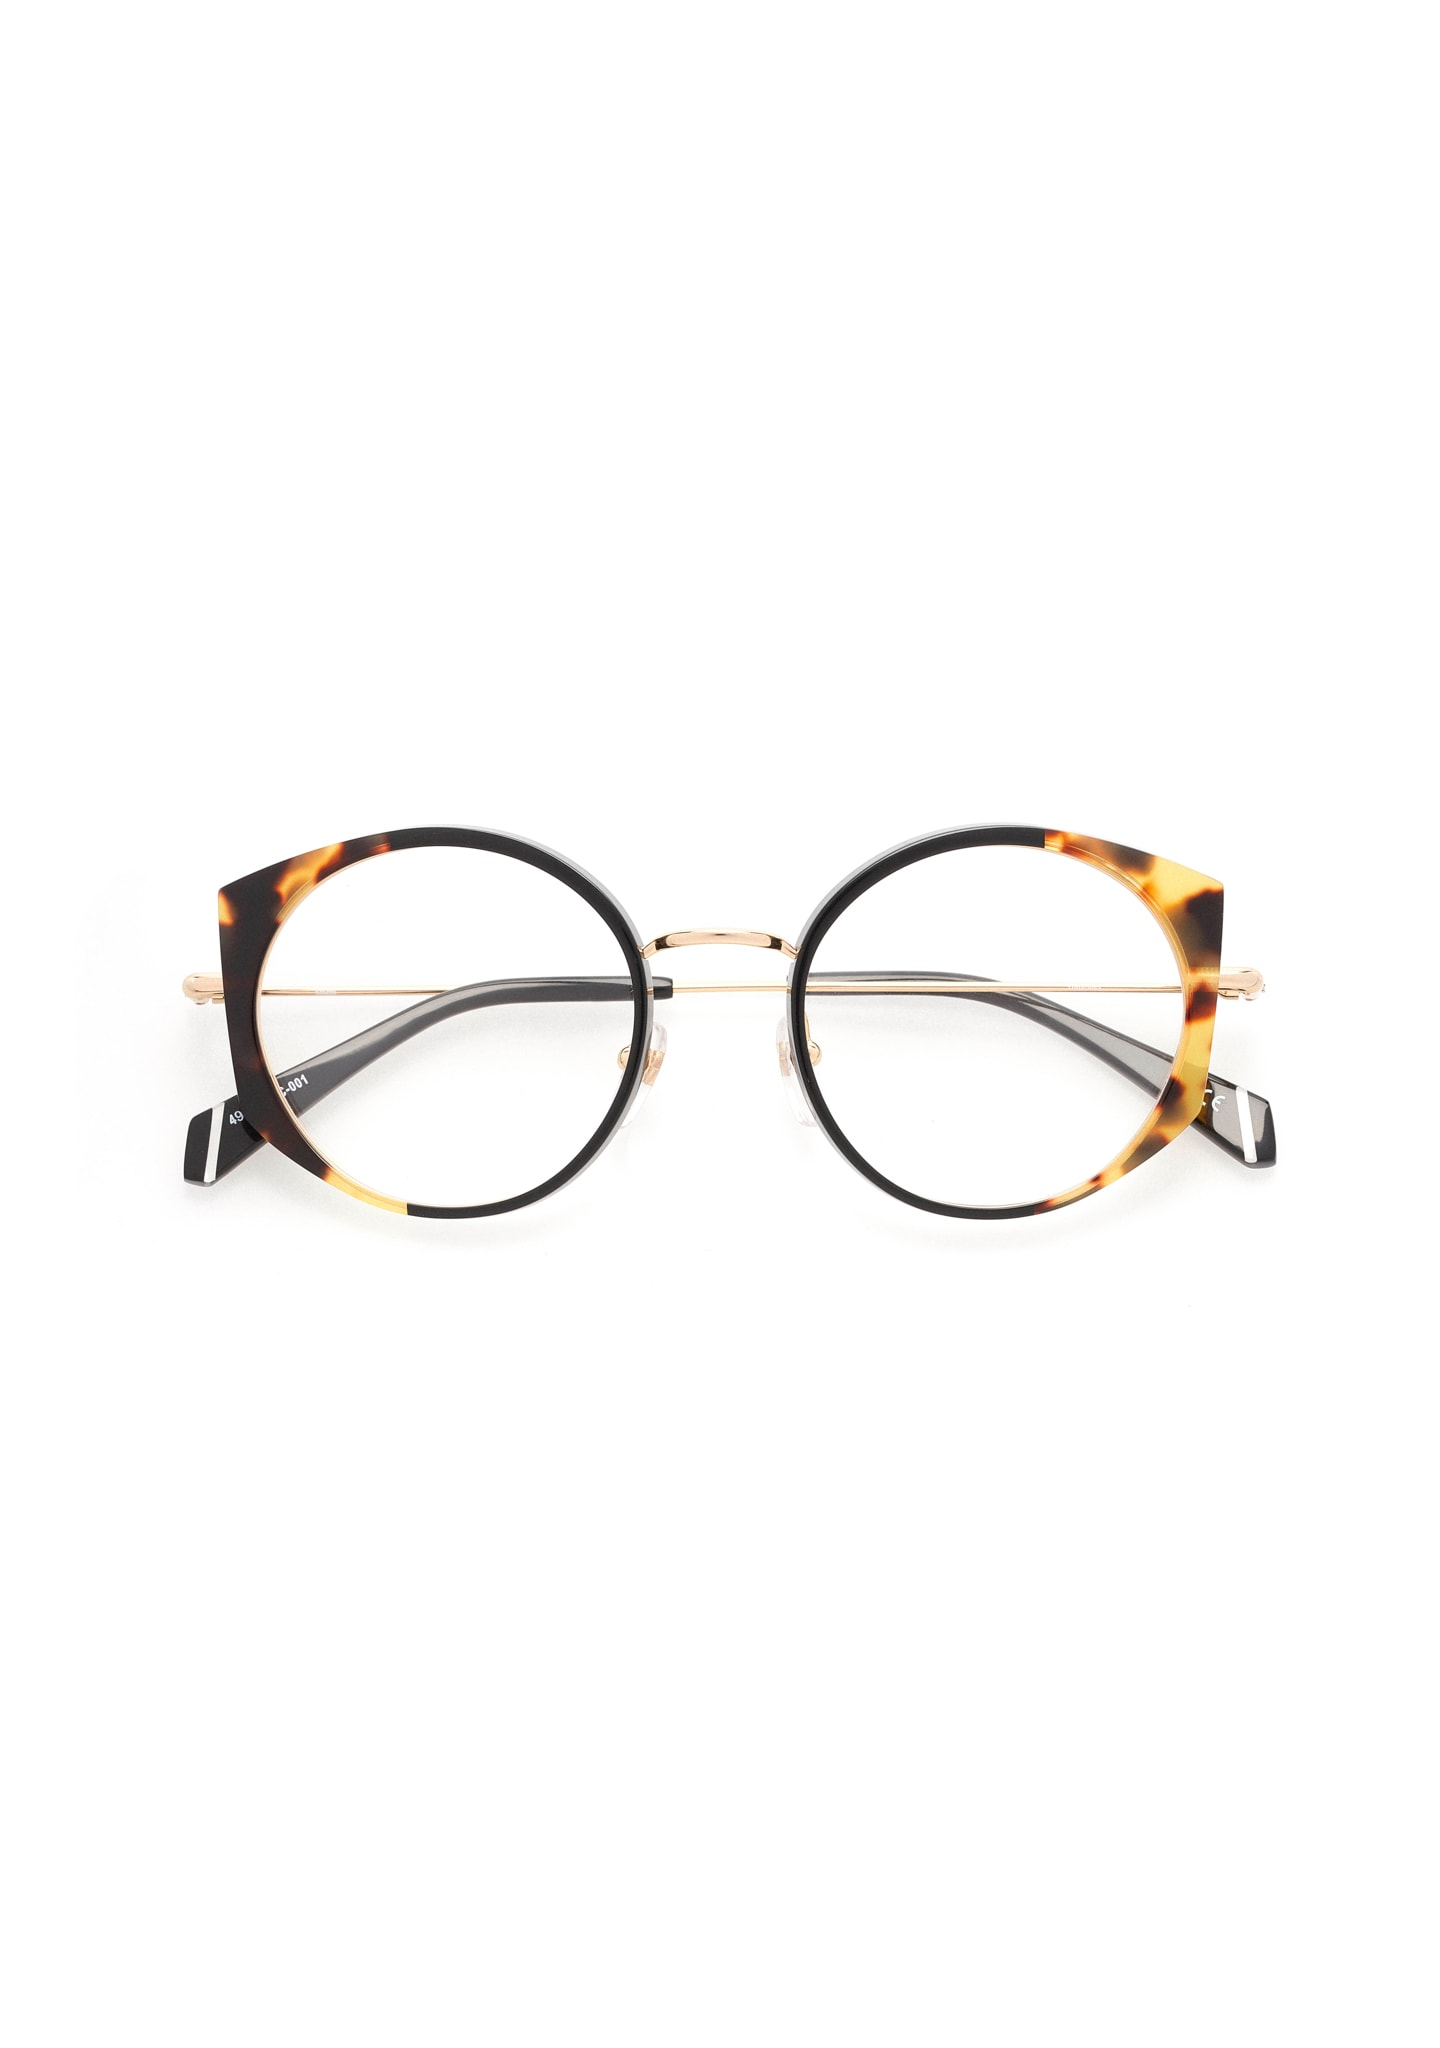 Ottico-Roggero-occhiale-da-vista-Kaleos-Thrombey-nero